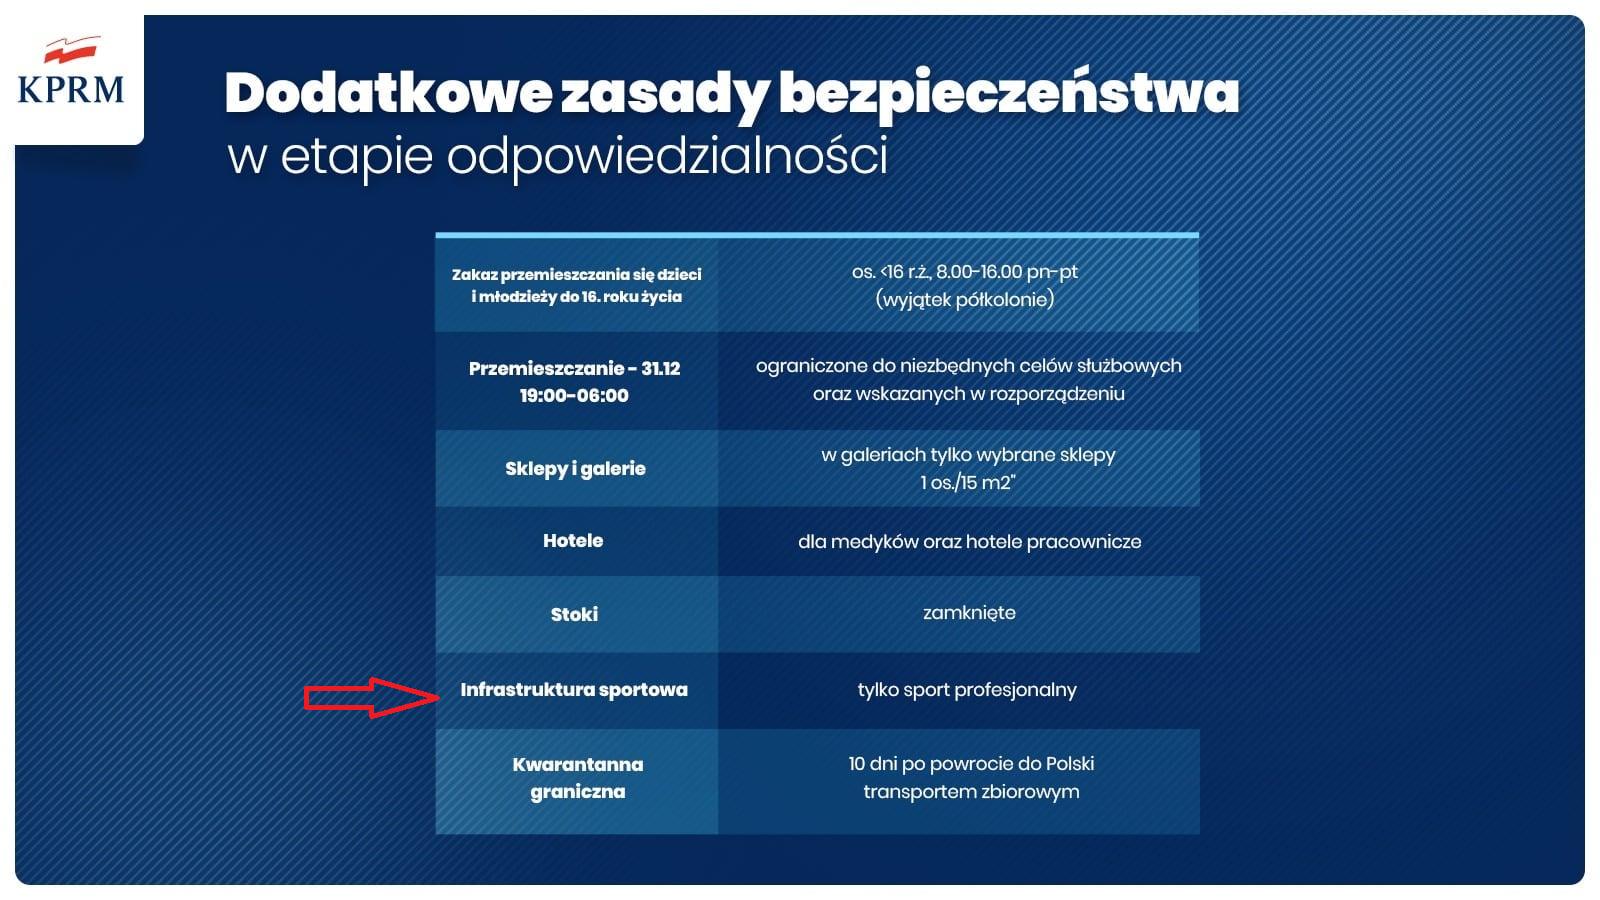 Nowe zasady bezpieczeństwa od 28.12.2020r. do 17.01.2021r.